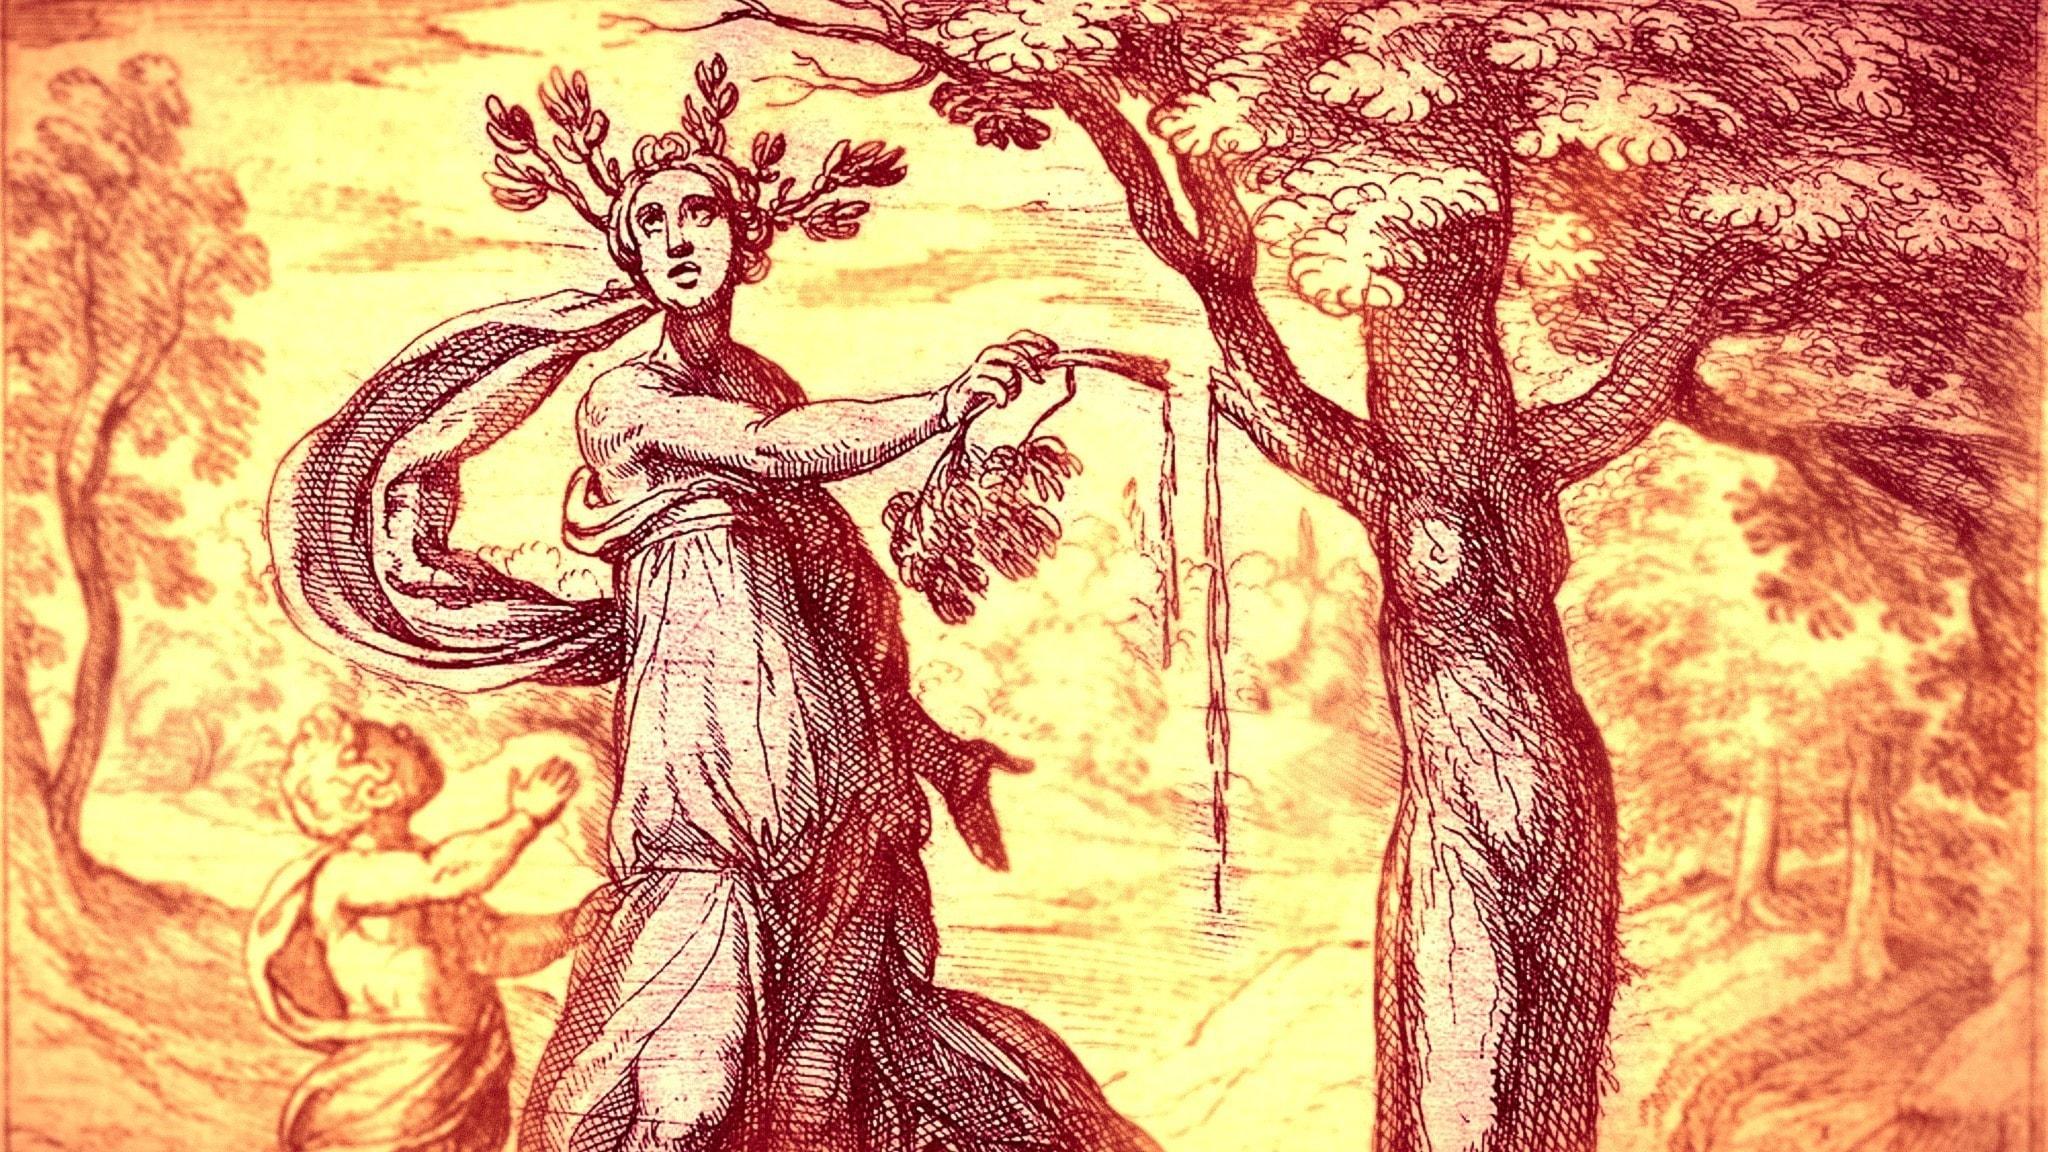 Var det detta trick som fick Ovidius landsförvisad?